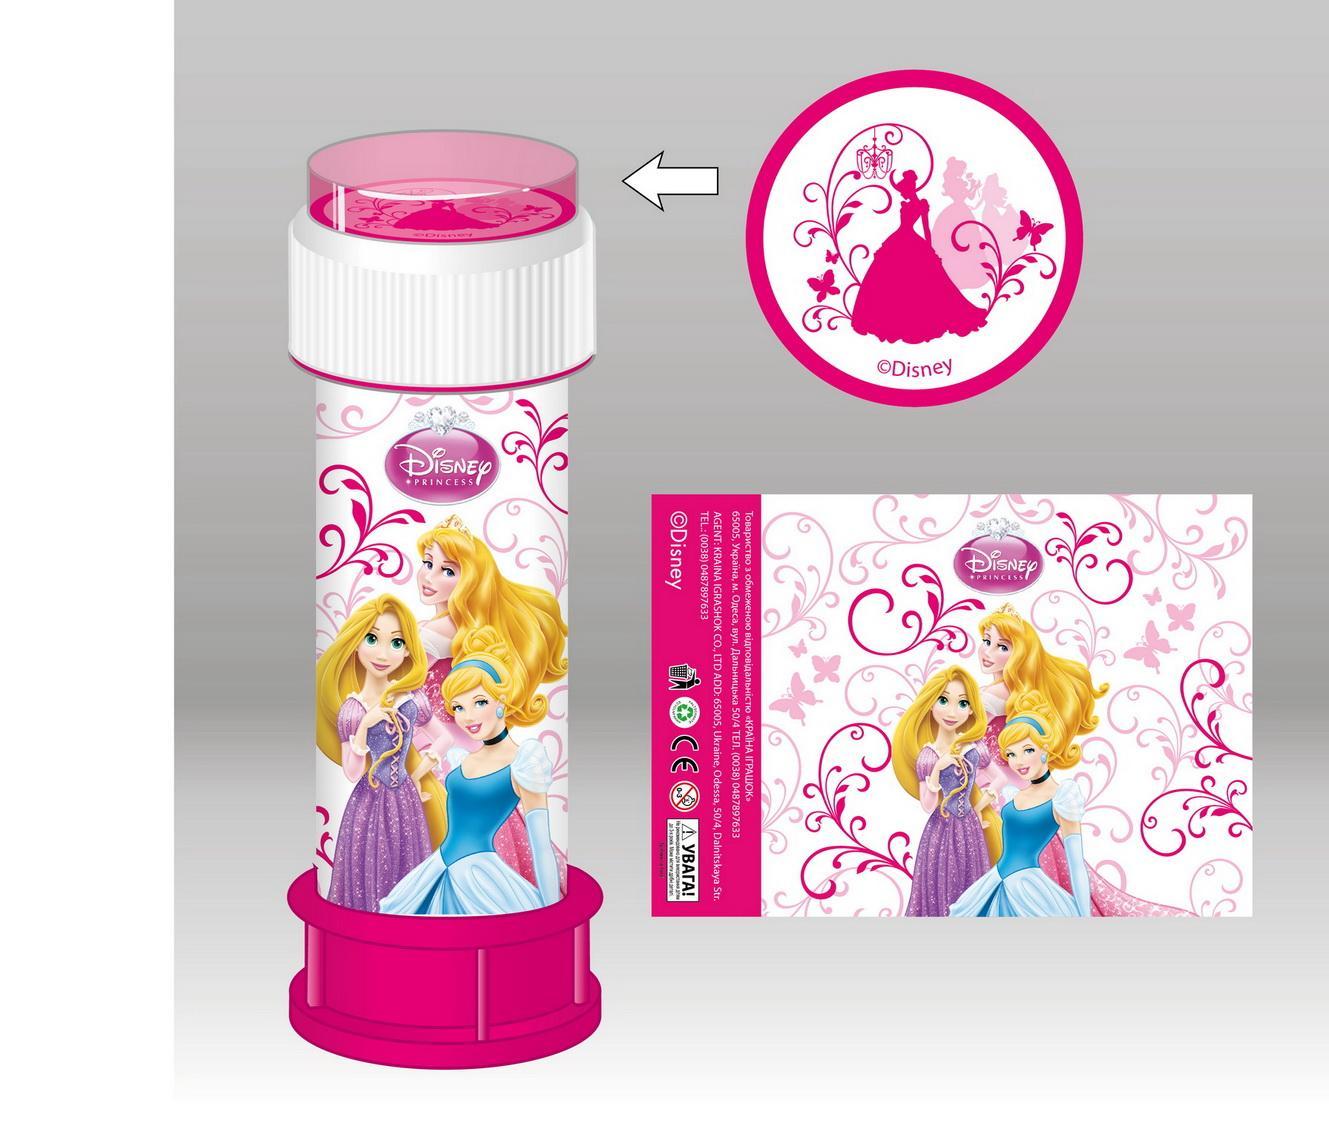 Іграшка мильні бульбашки Принцеси KC1611 36 шт в кор